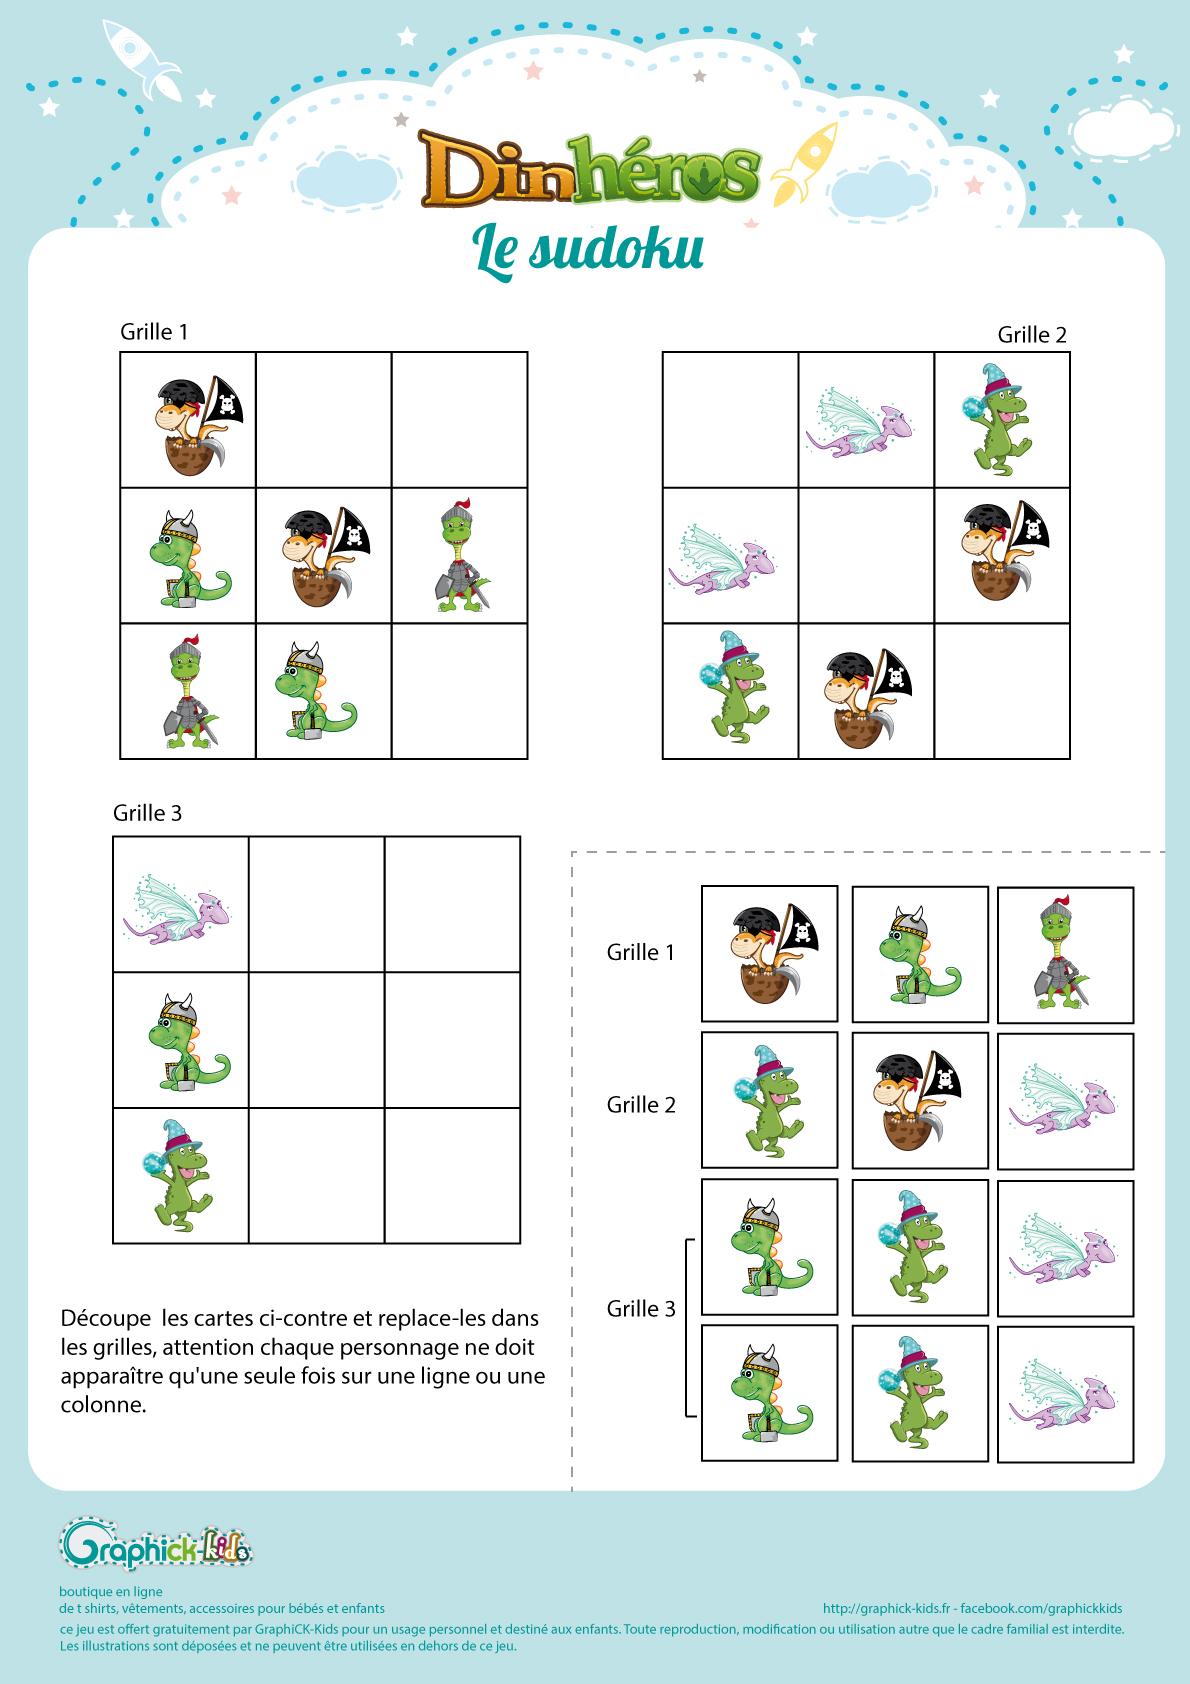 L'activité Du Mercredi : Le Sudoku Des Dinhéros - Graphick-Kids tout Jeux Sudoku À Imprimer